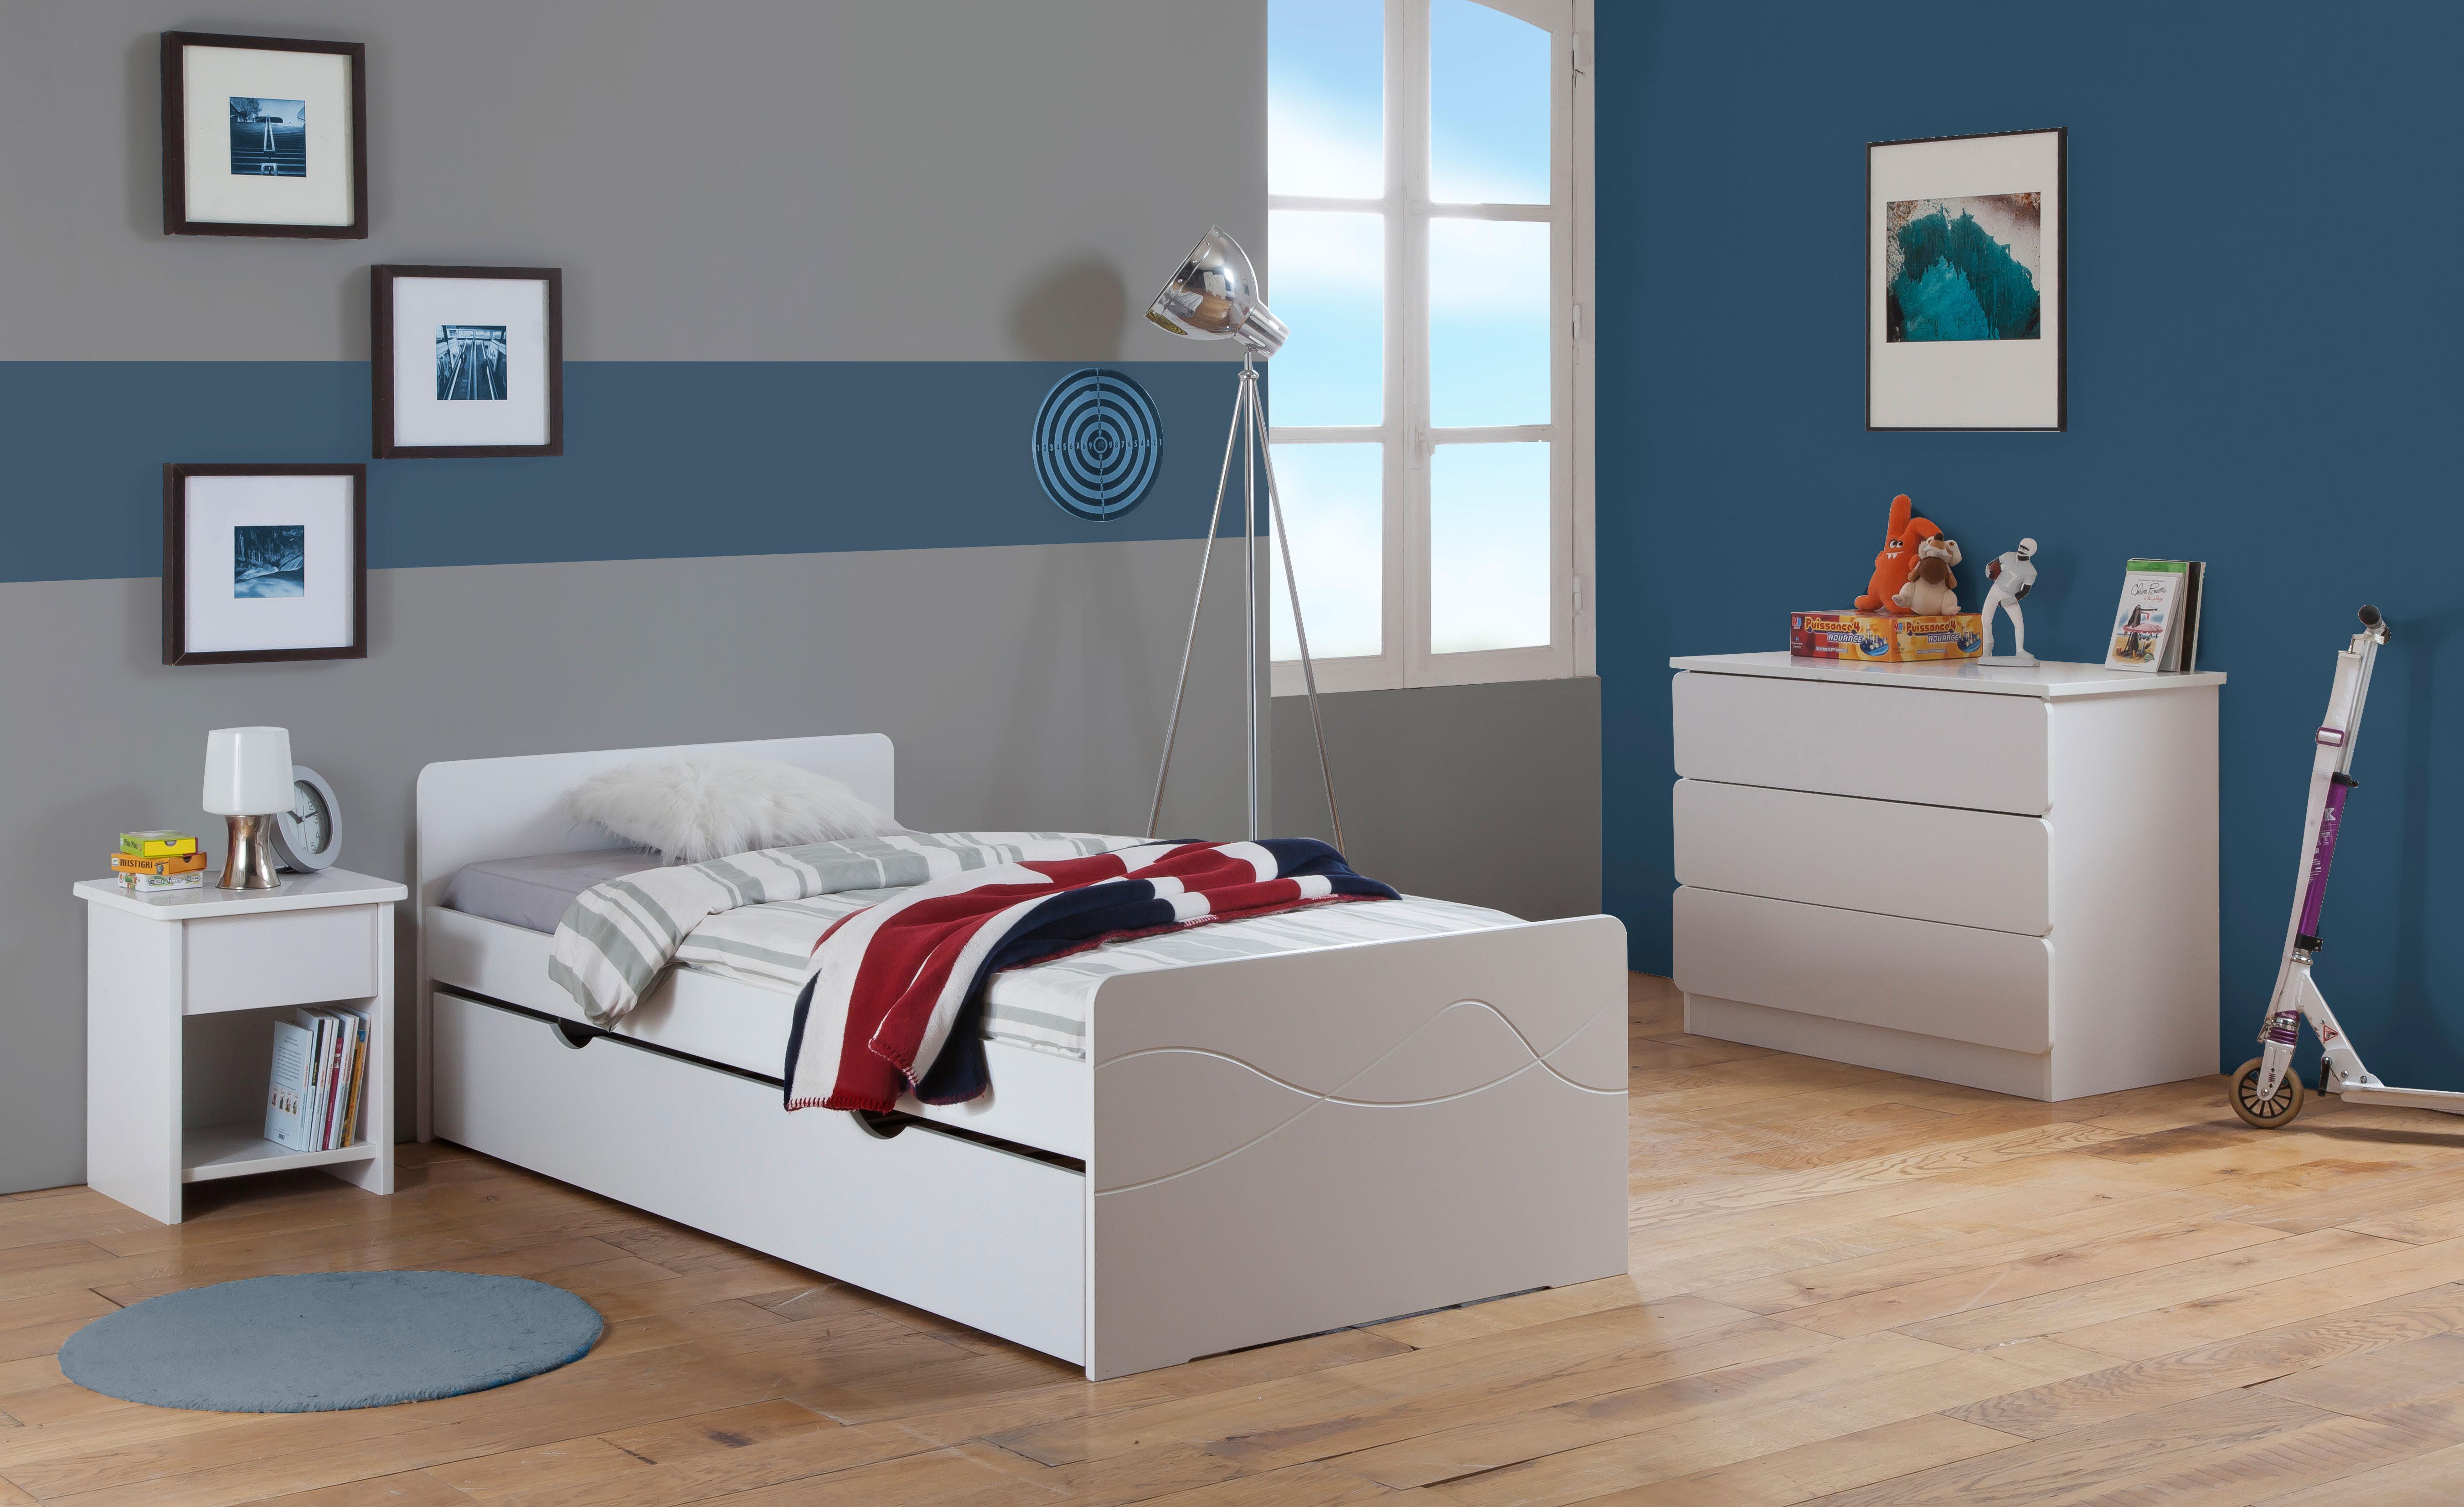 Chambre Enfant Ado Tahiti Lit 90x190 Tiroir Rangement Couleur Blanc ...